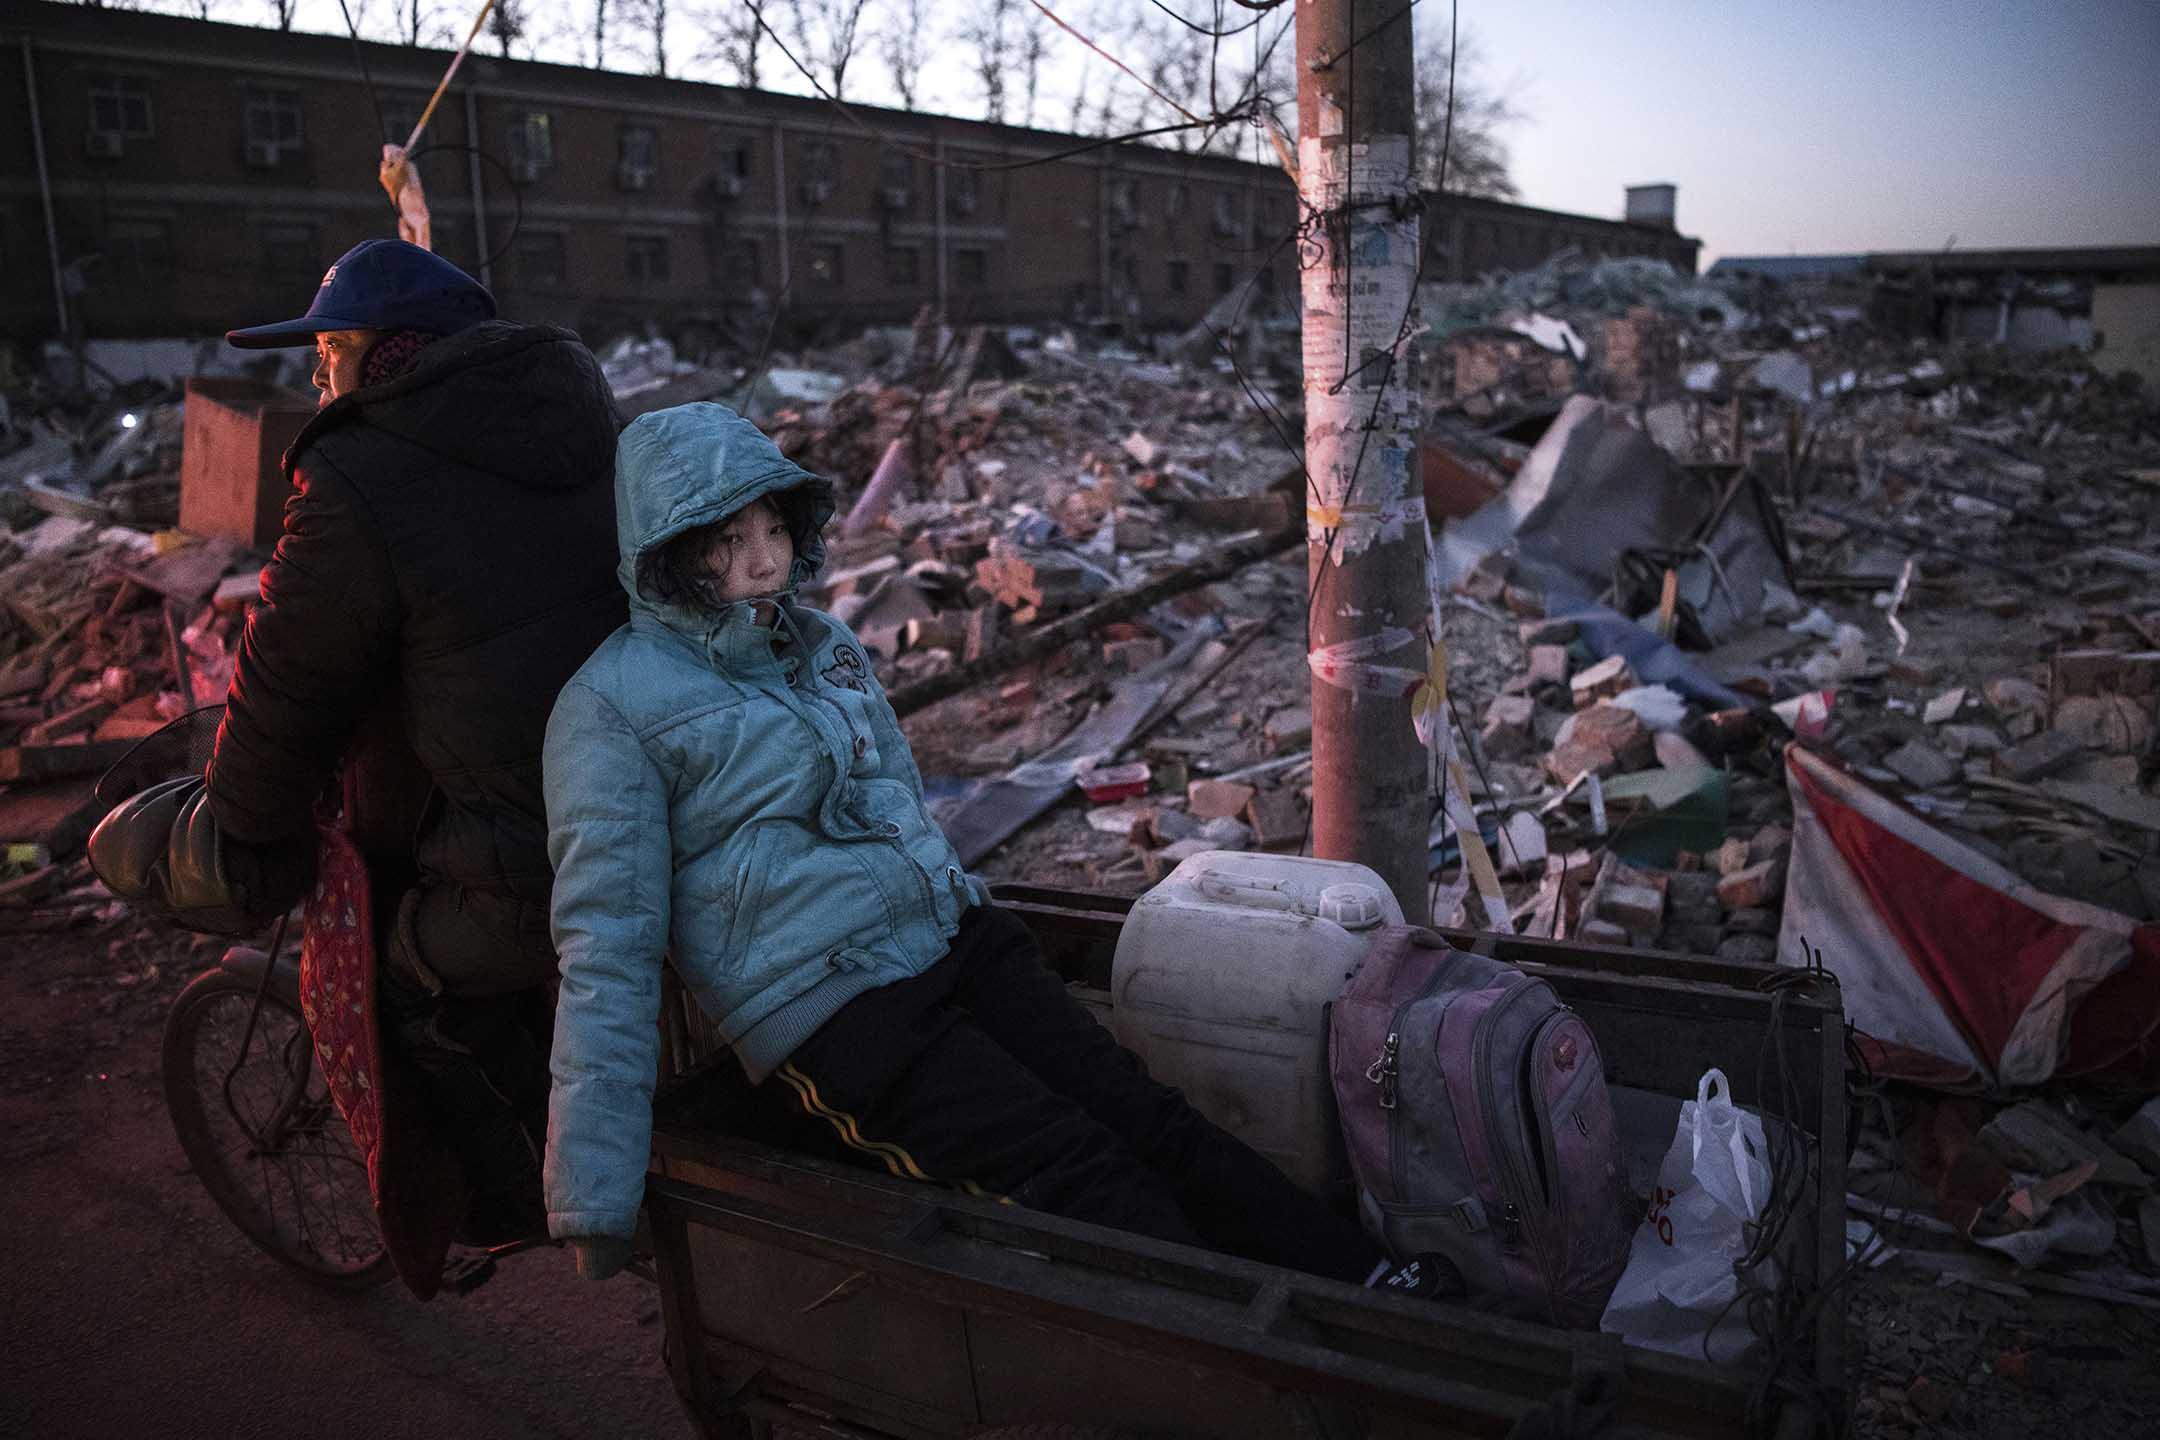 2017年12月4日中國北京,一名中國女孩坐在一輛踏板車的後面,經過政府拆除的建築物瓦礫,該地區曾經有住房和服裝市場。 攝:Kevin Frayer/Getty Images